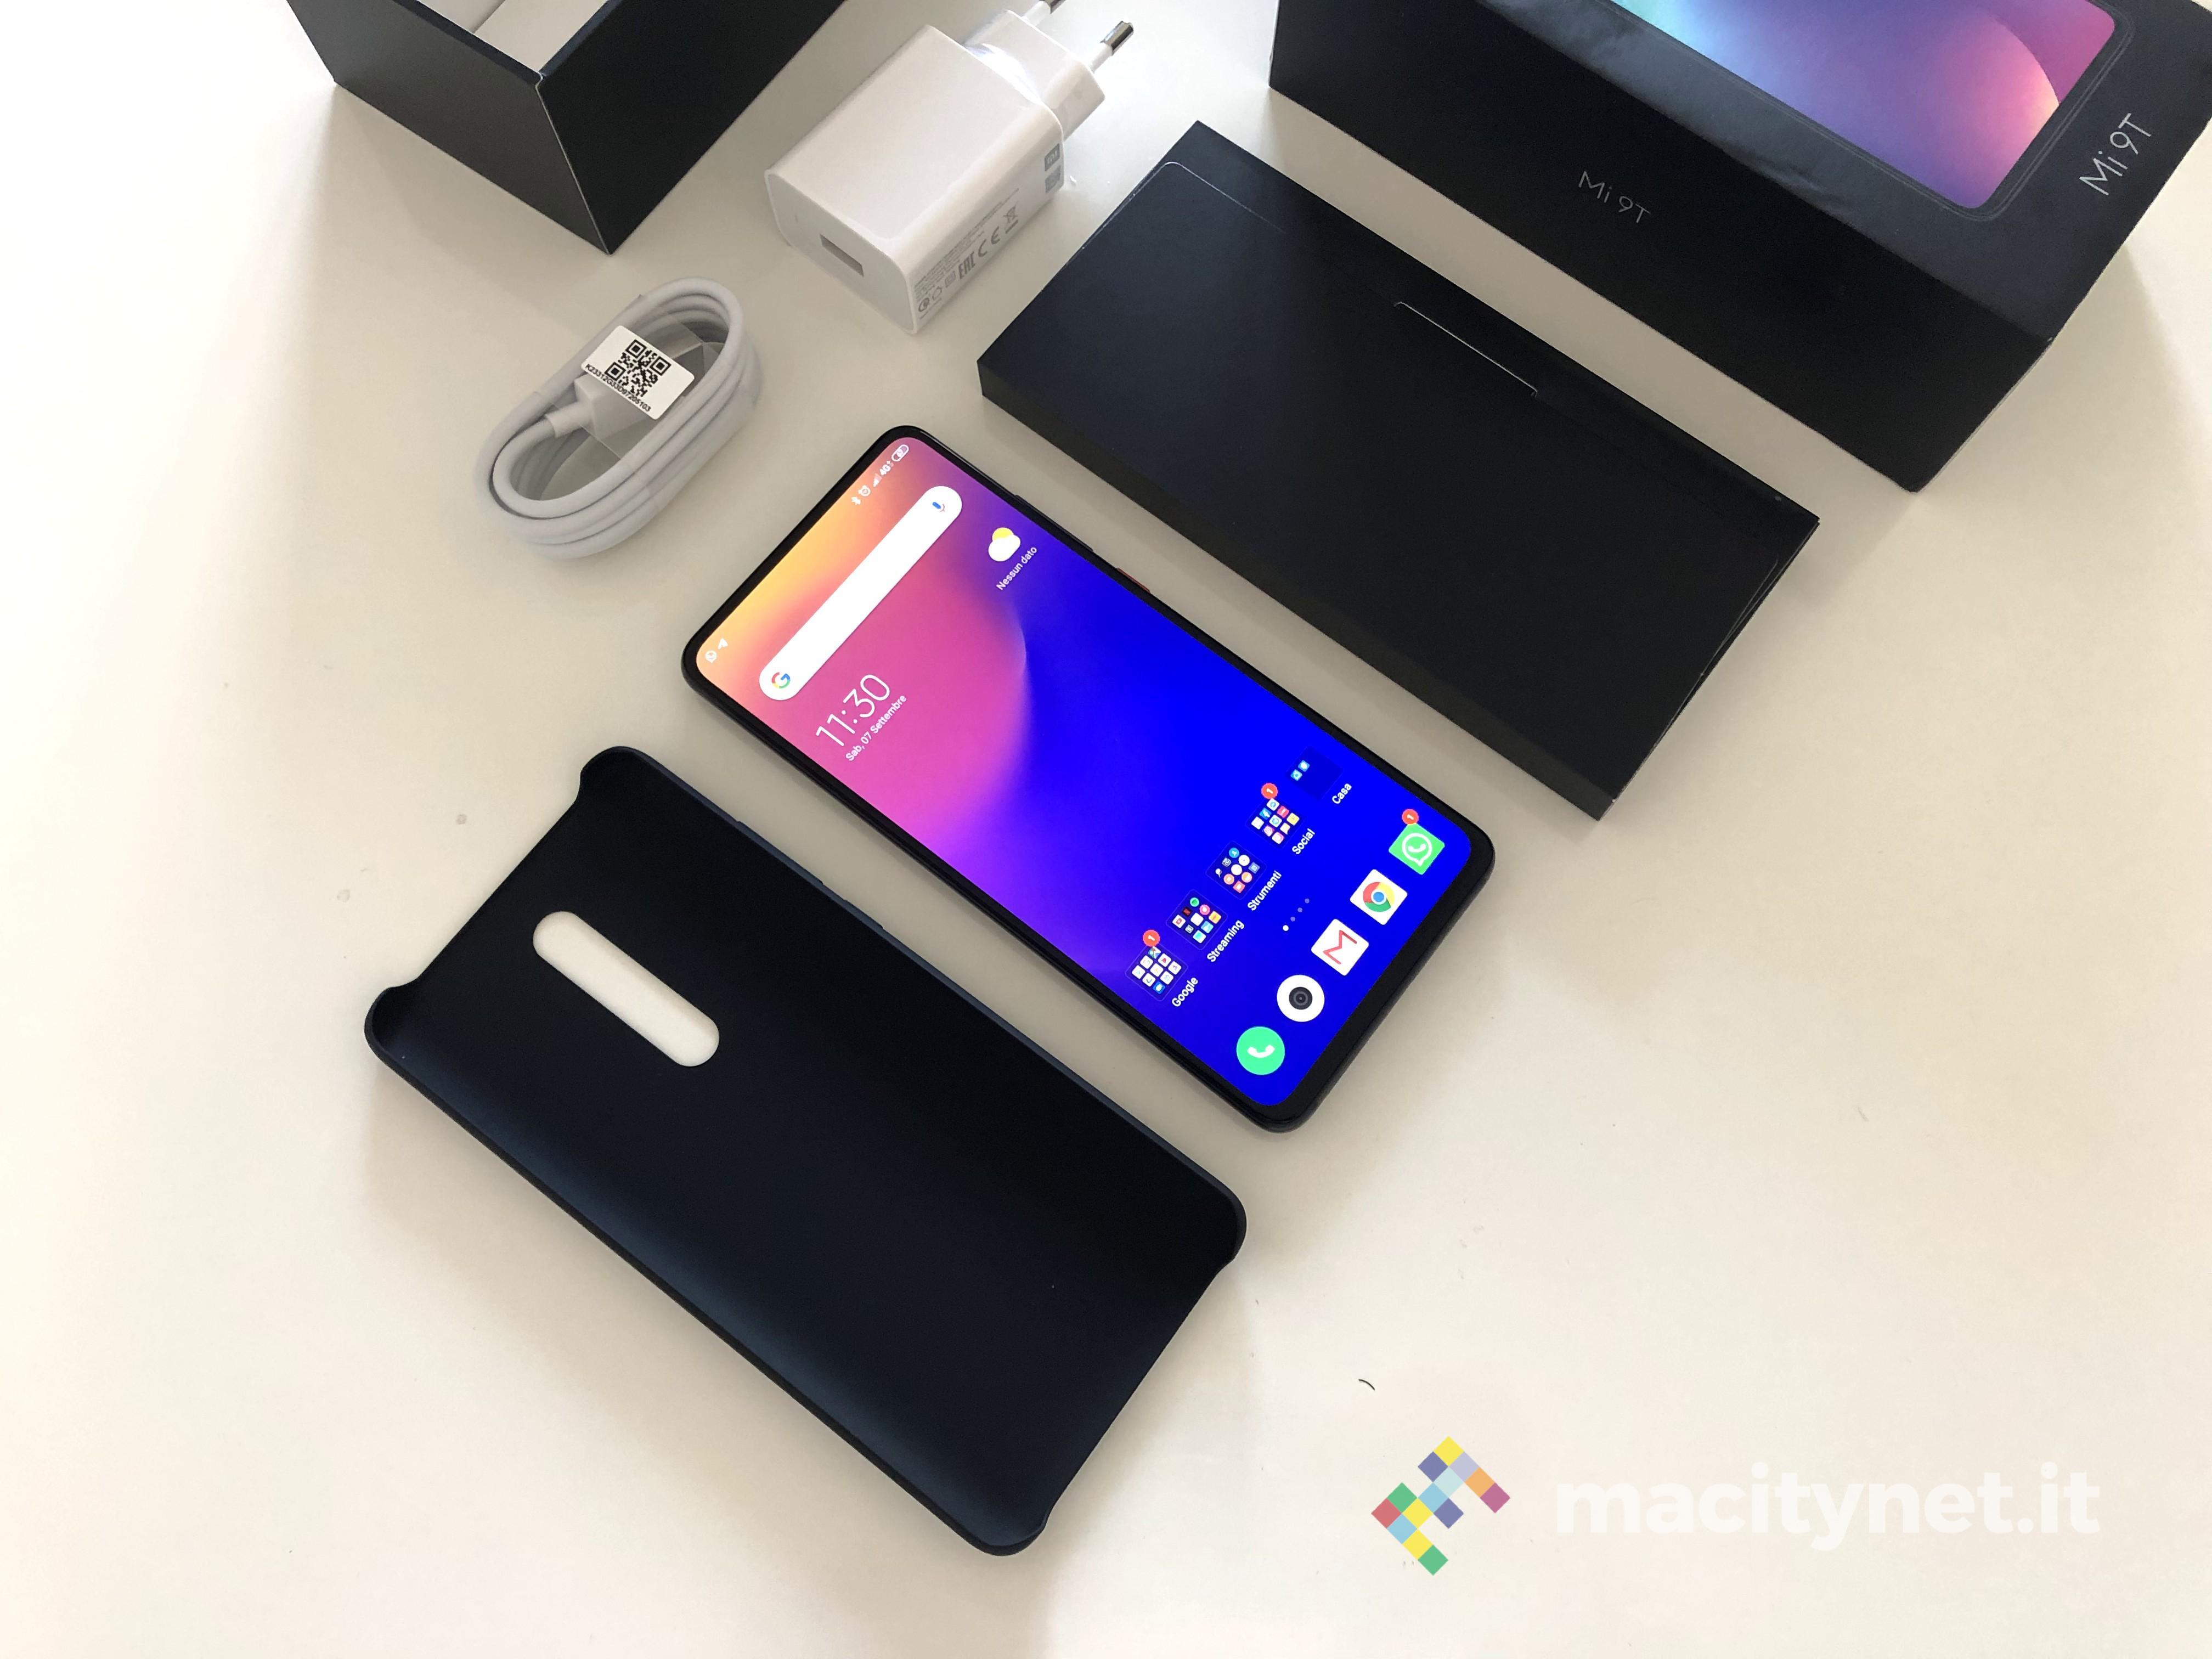 Le nostre impressioni su Xiaomi Mi 9T, dopo il Pro è ancora valido?